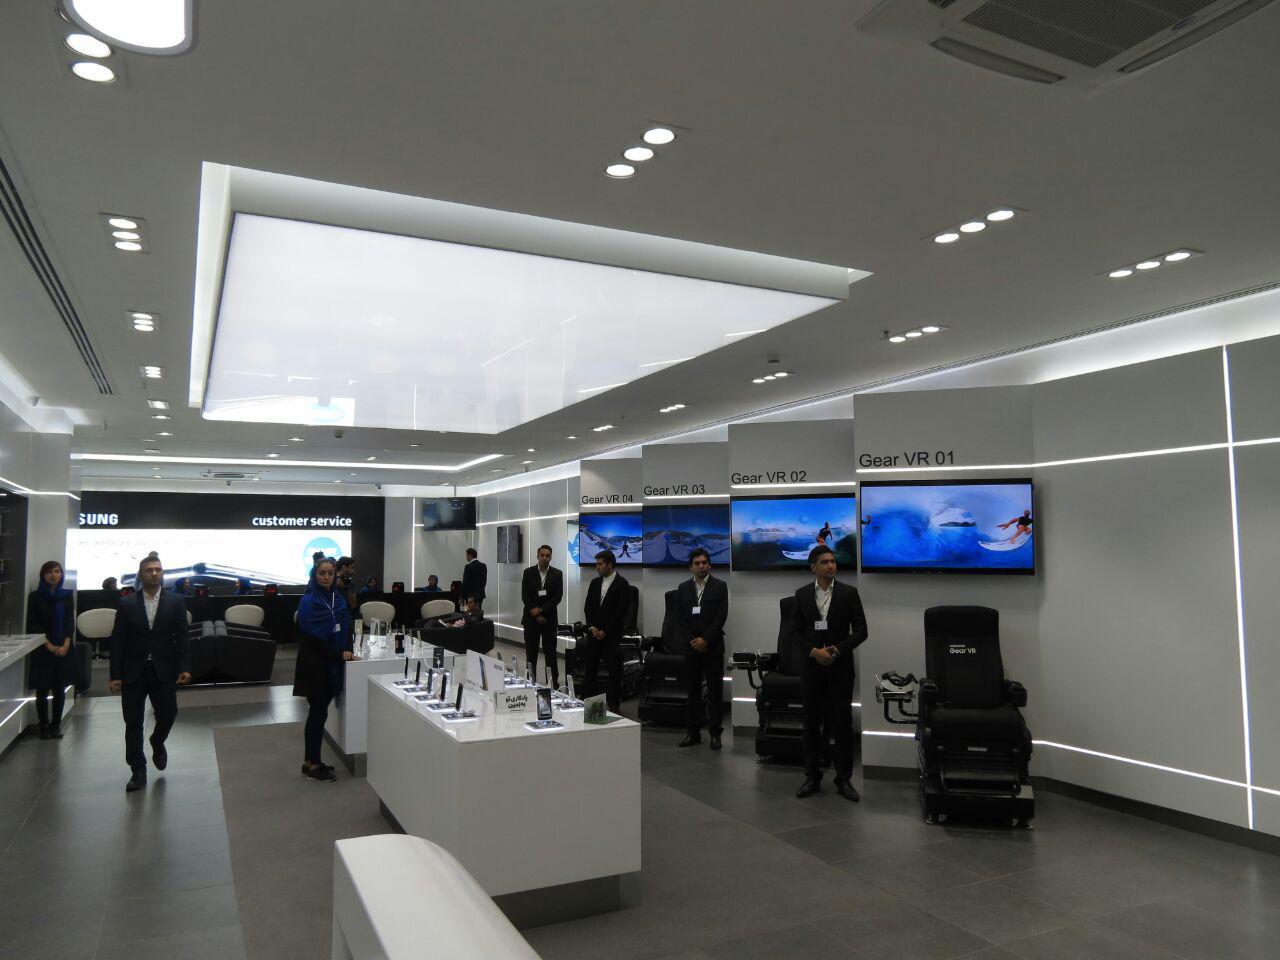 اطلاعات کلی درمورد مرکز خدمات جدید سامسونگ؛ نگاهی به جدیدترین مرکز خدمات موبایل سامسونگ